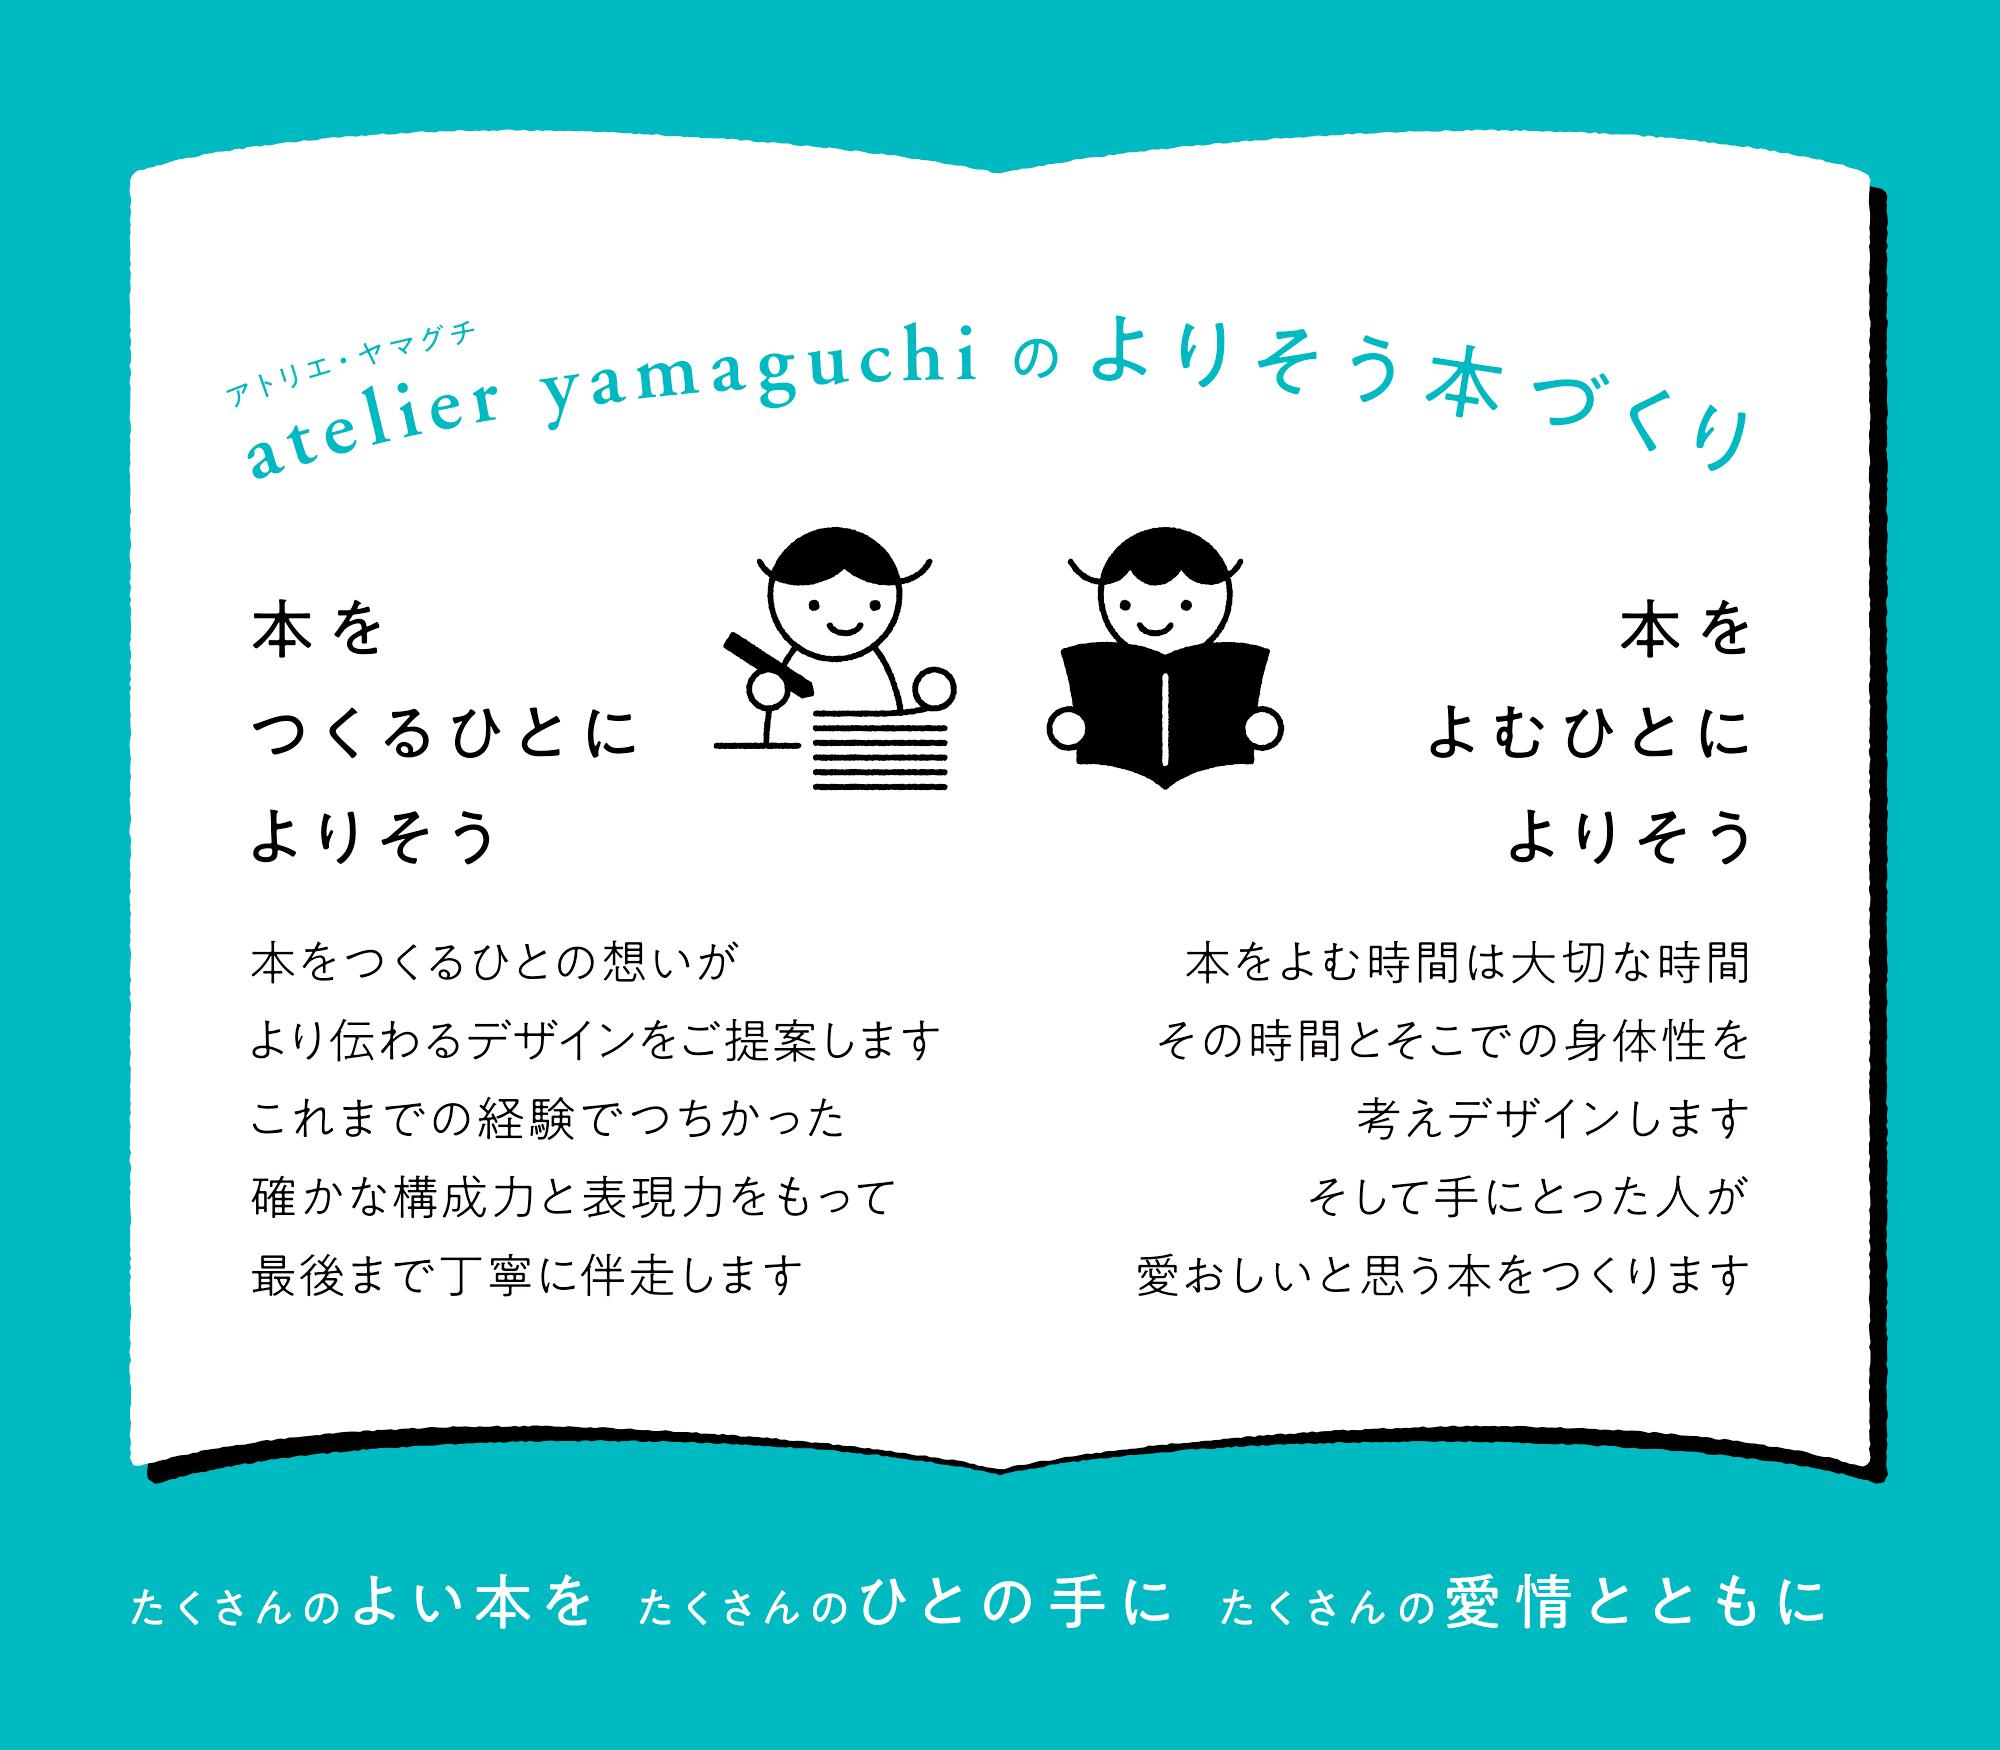 book design_image